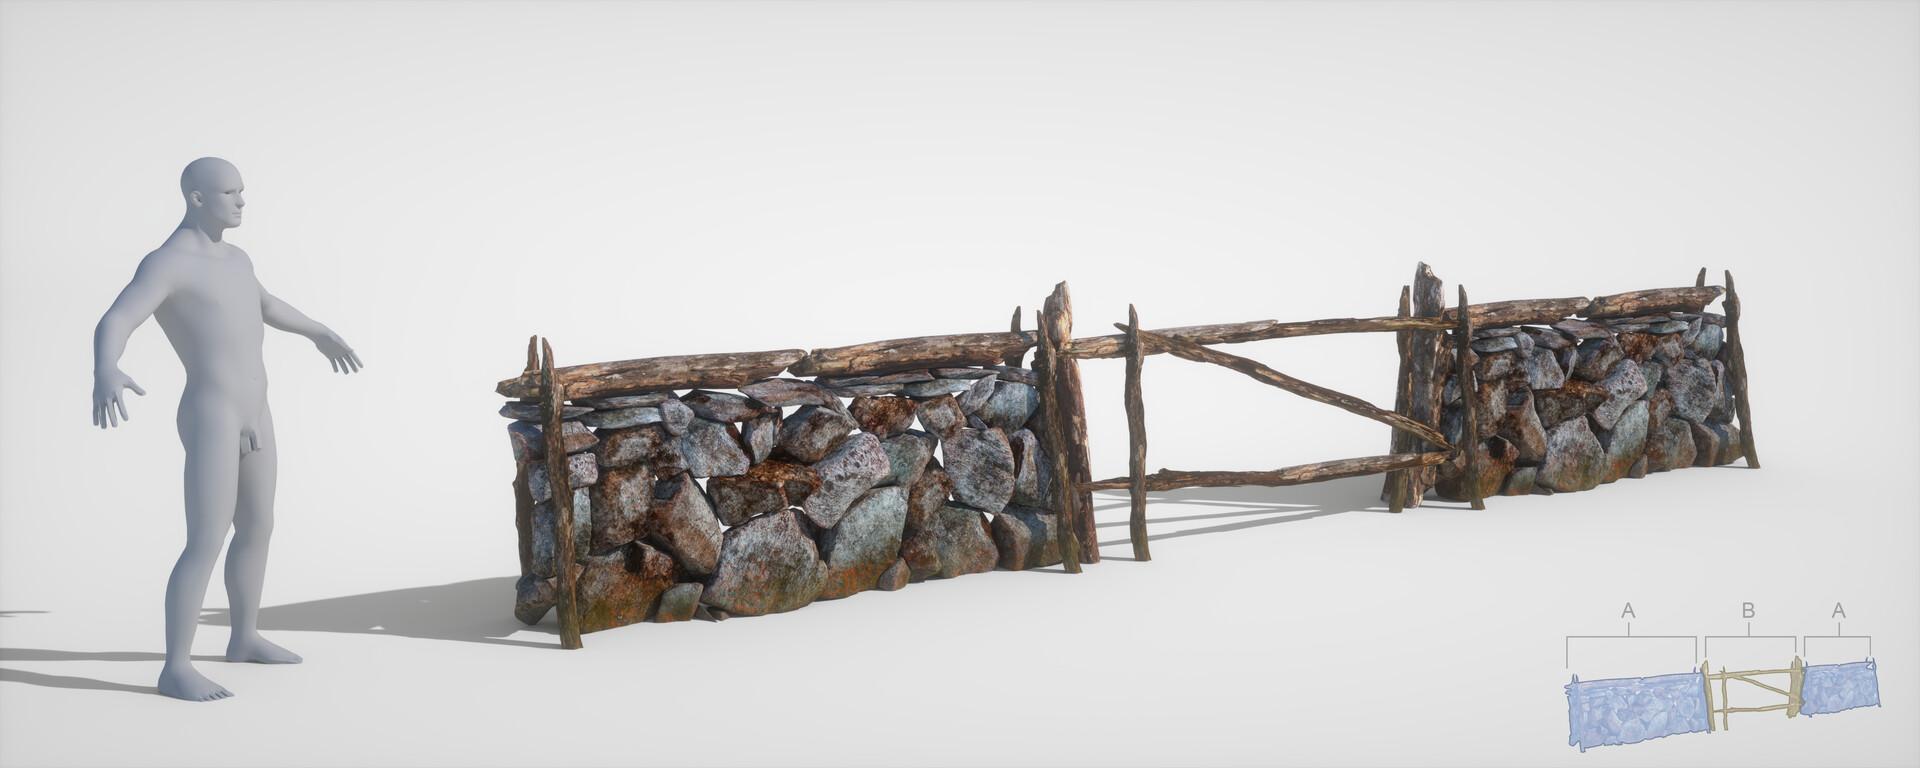 Jordi van hees stone wall gate